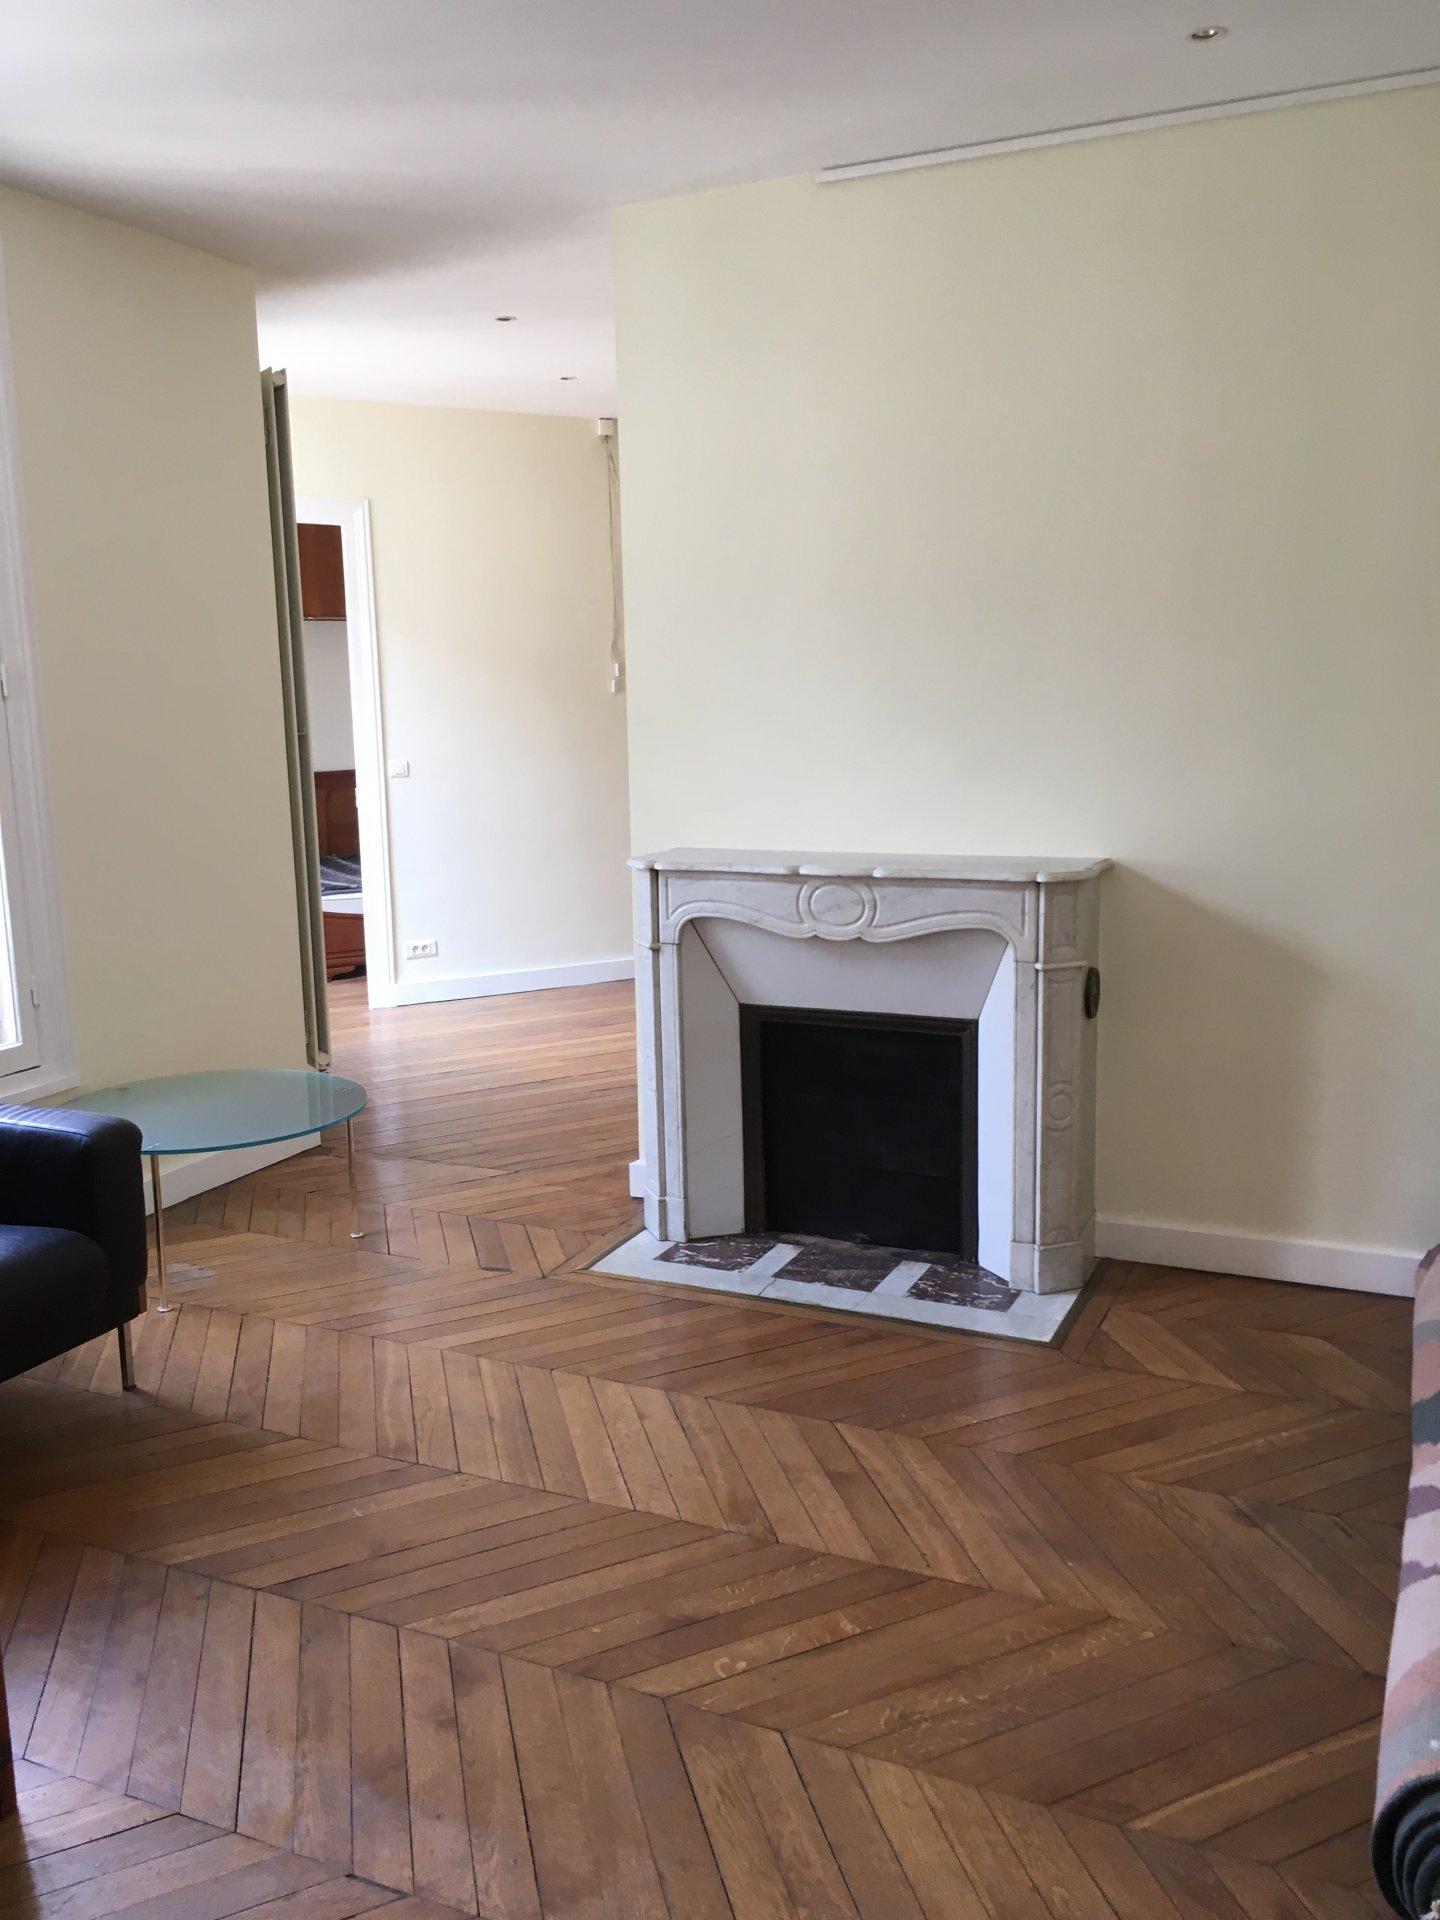 Sale Apartment - Paris 16th (Paris 16ème) Chaillot